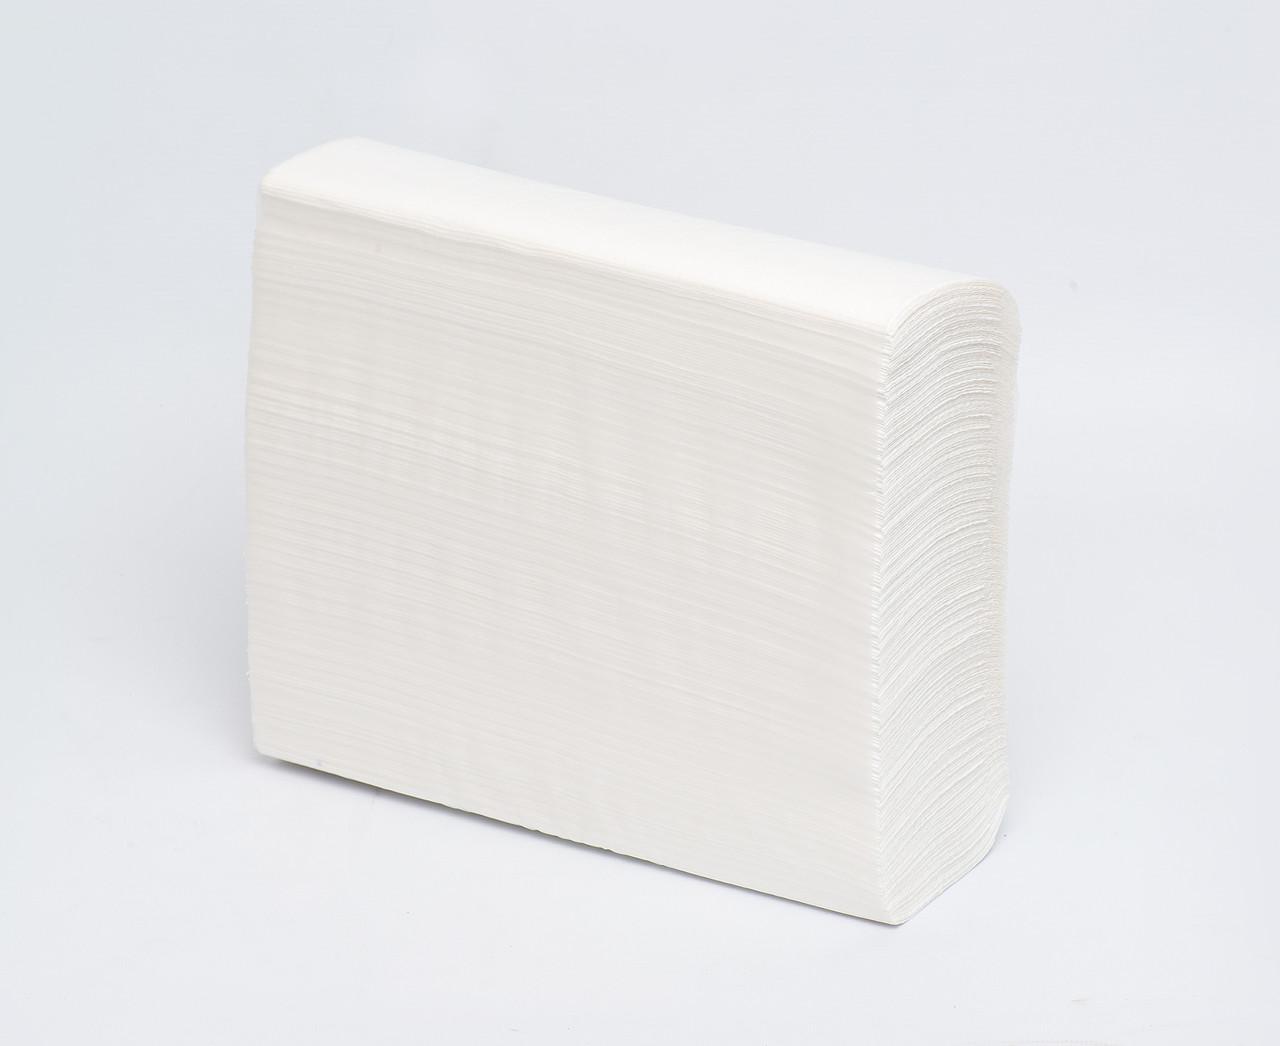 Листовые бумажные полотенца Z-сложения (2-слоя) белая